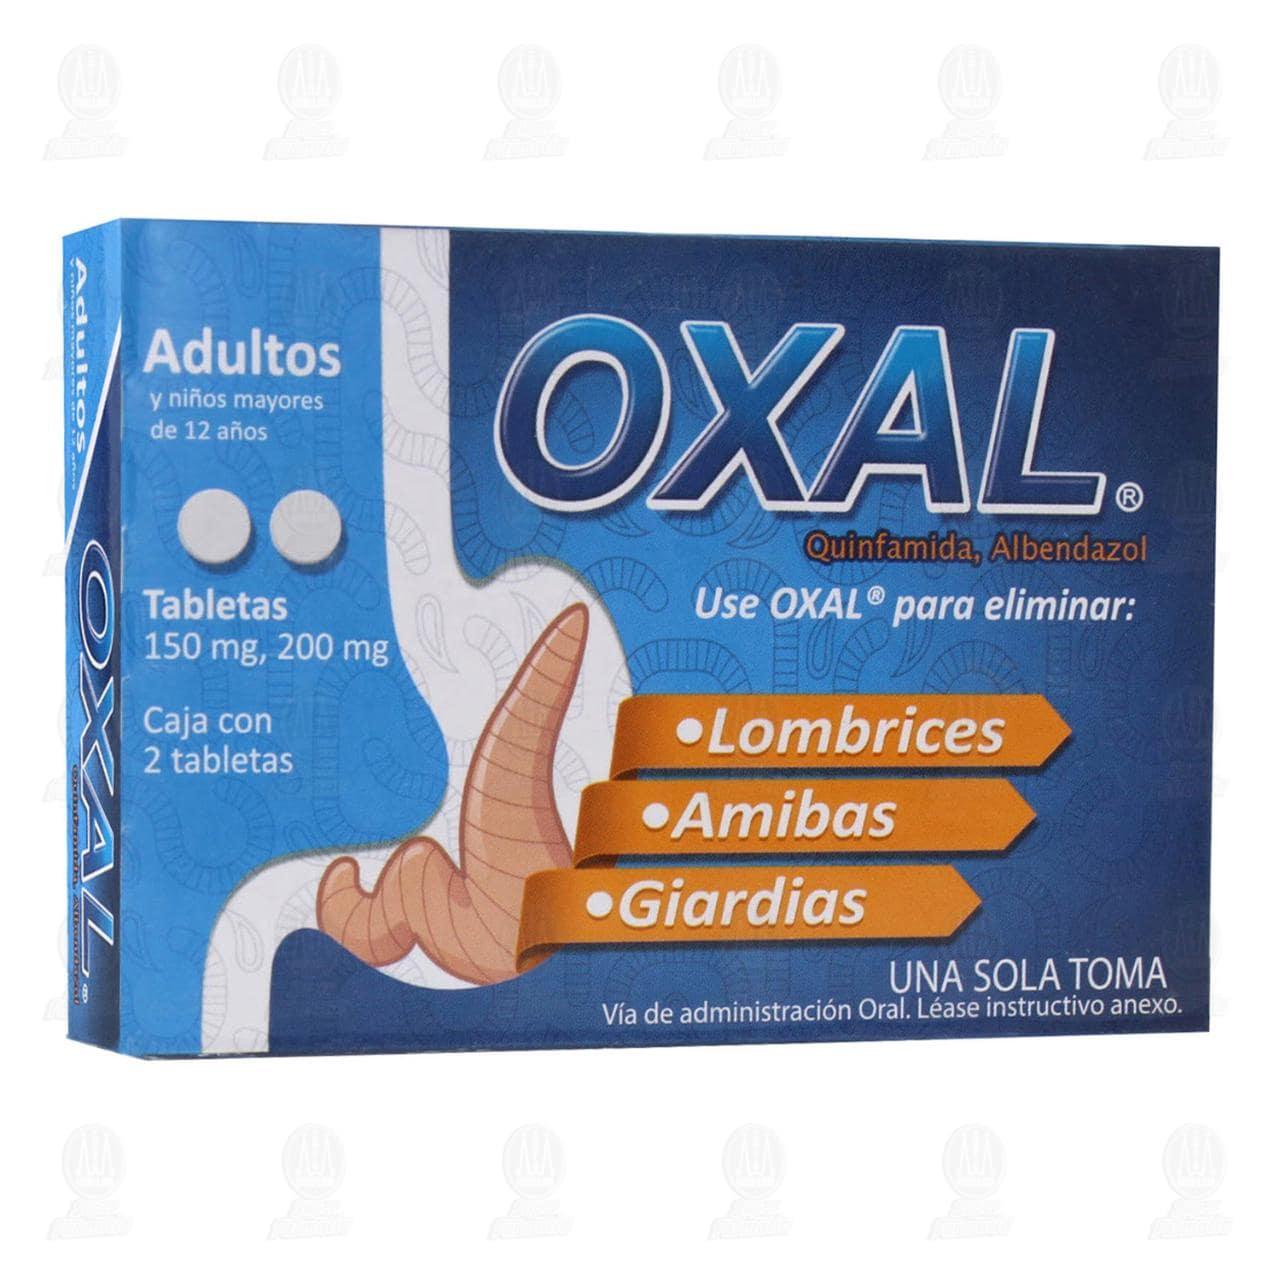 comprar https://www.movil.farmaciasguadalajara.com/wcsstore/FGCAS/wcs/products/962368_A_1280_AL.jpg en farmacias guadalajara